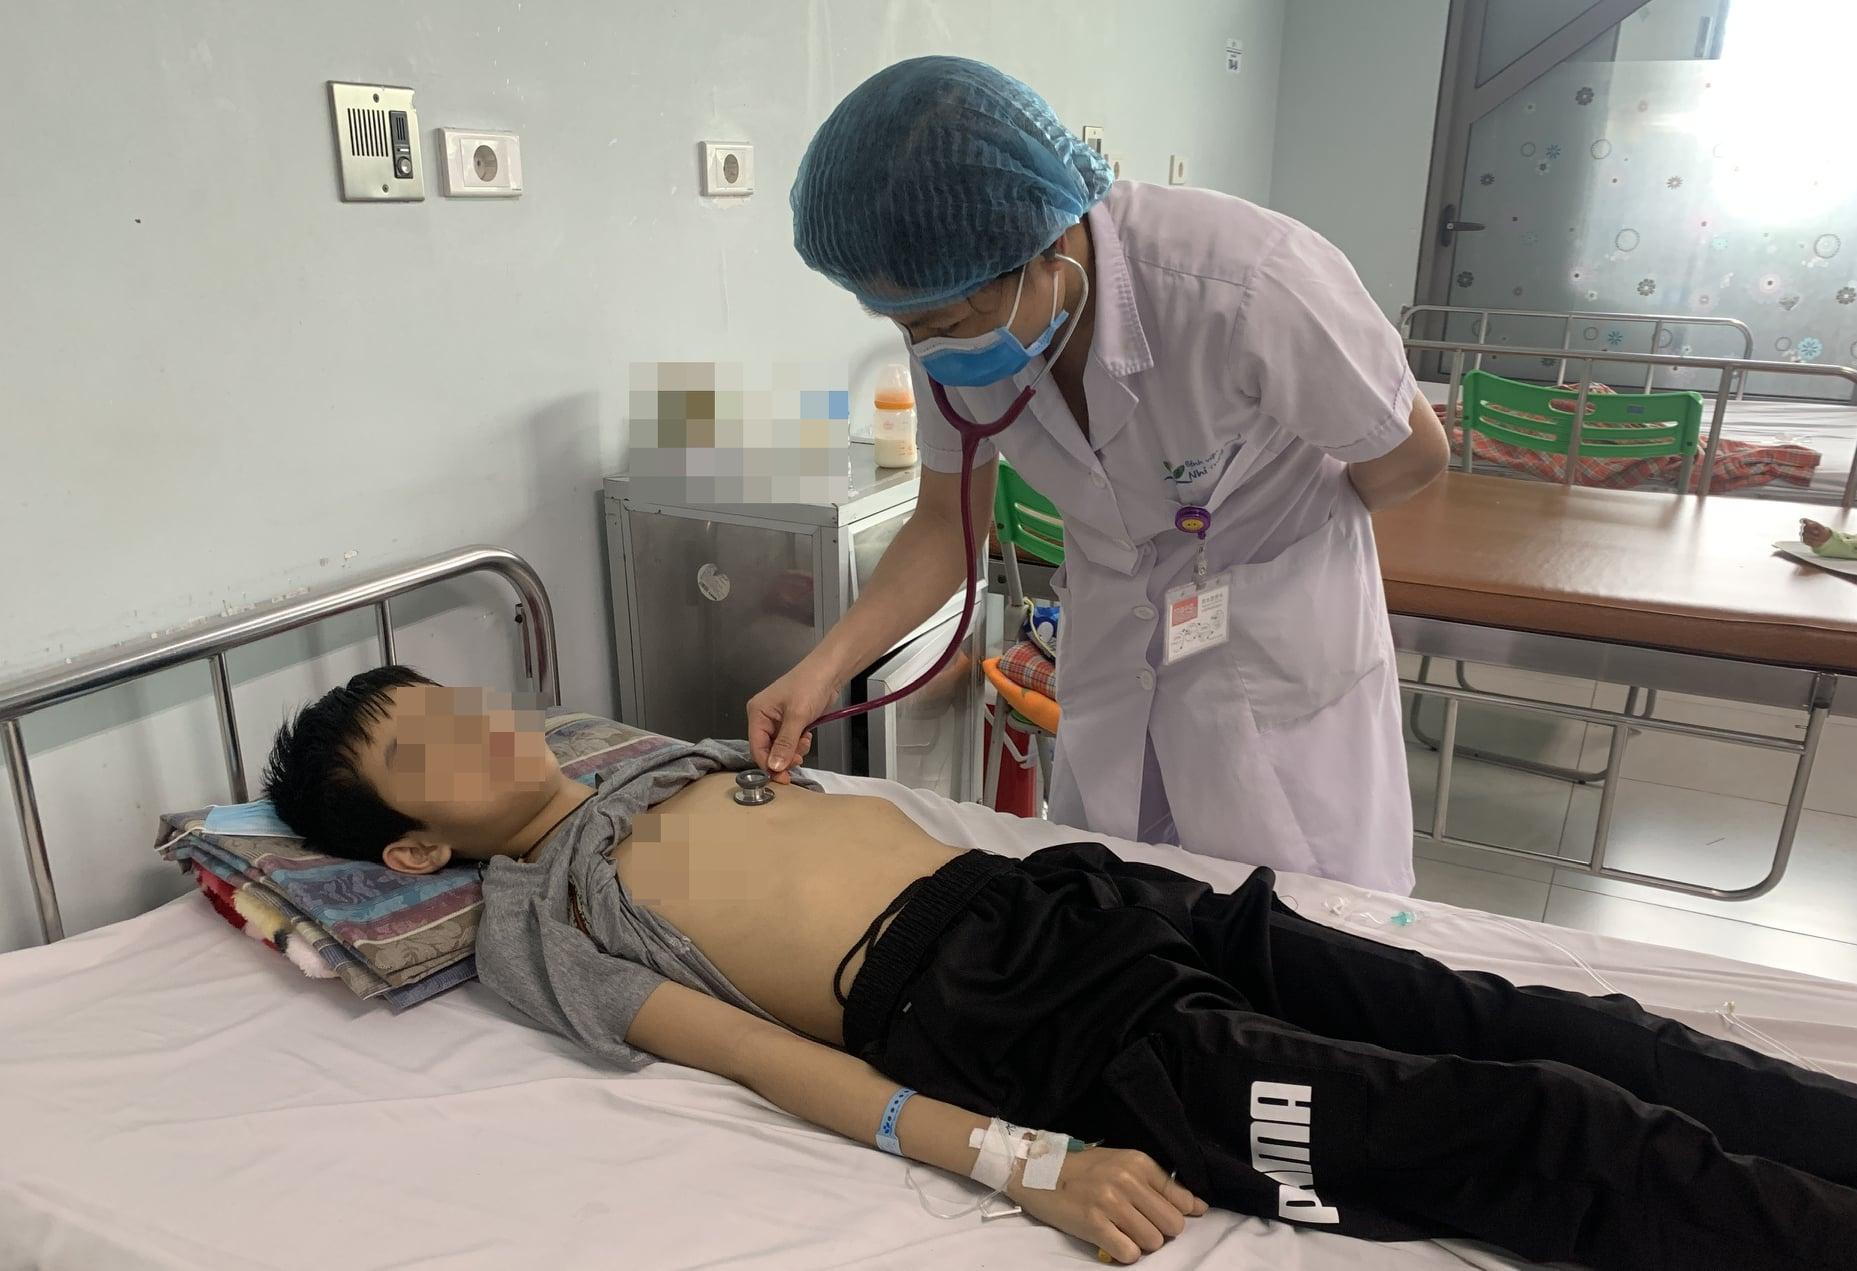 Chỉ sau 3 ngày mệt mỏi, ăn kém, vàng da, cậu bé 12 tuổi bị suy gan cấp - 1